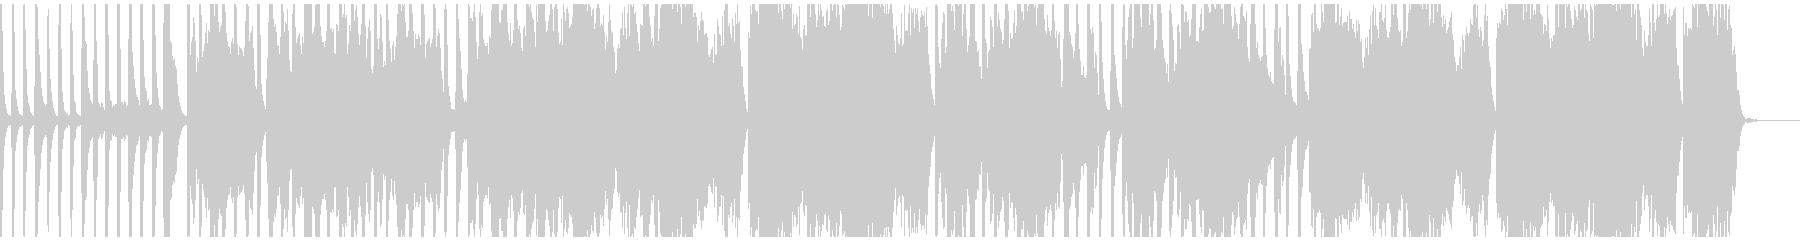 アコギ、フルート主のんびりとした伴奏の未再生の波形